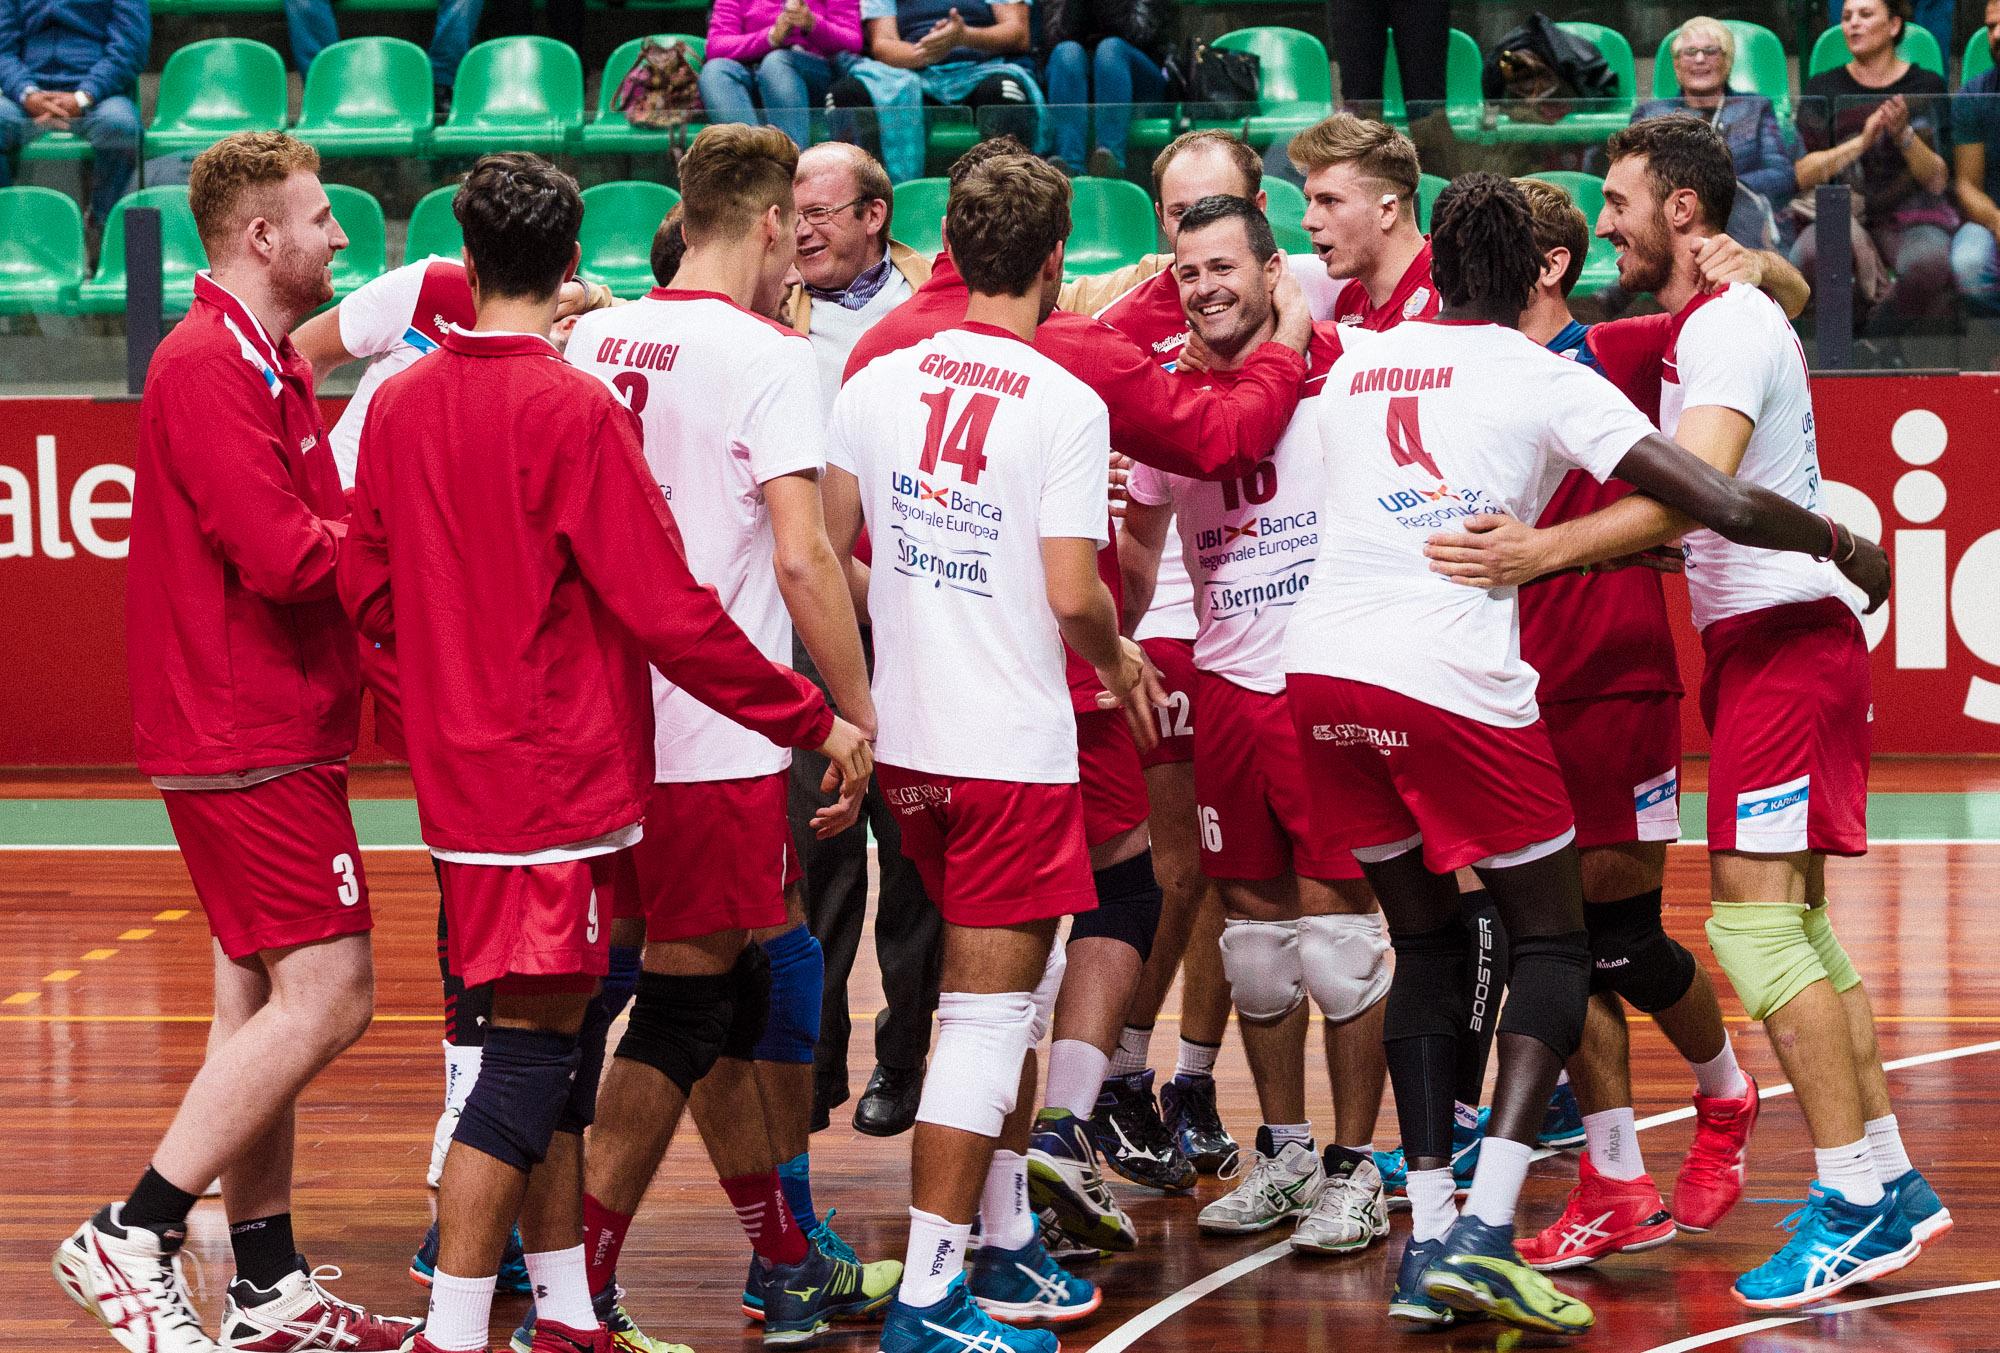 La Guida - Volley – Brebanca, buona la prima al Palazzetto